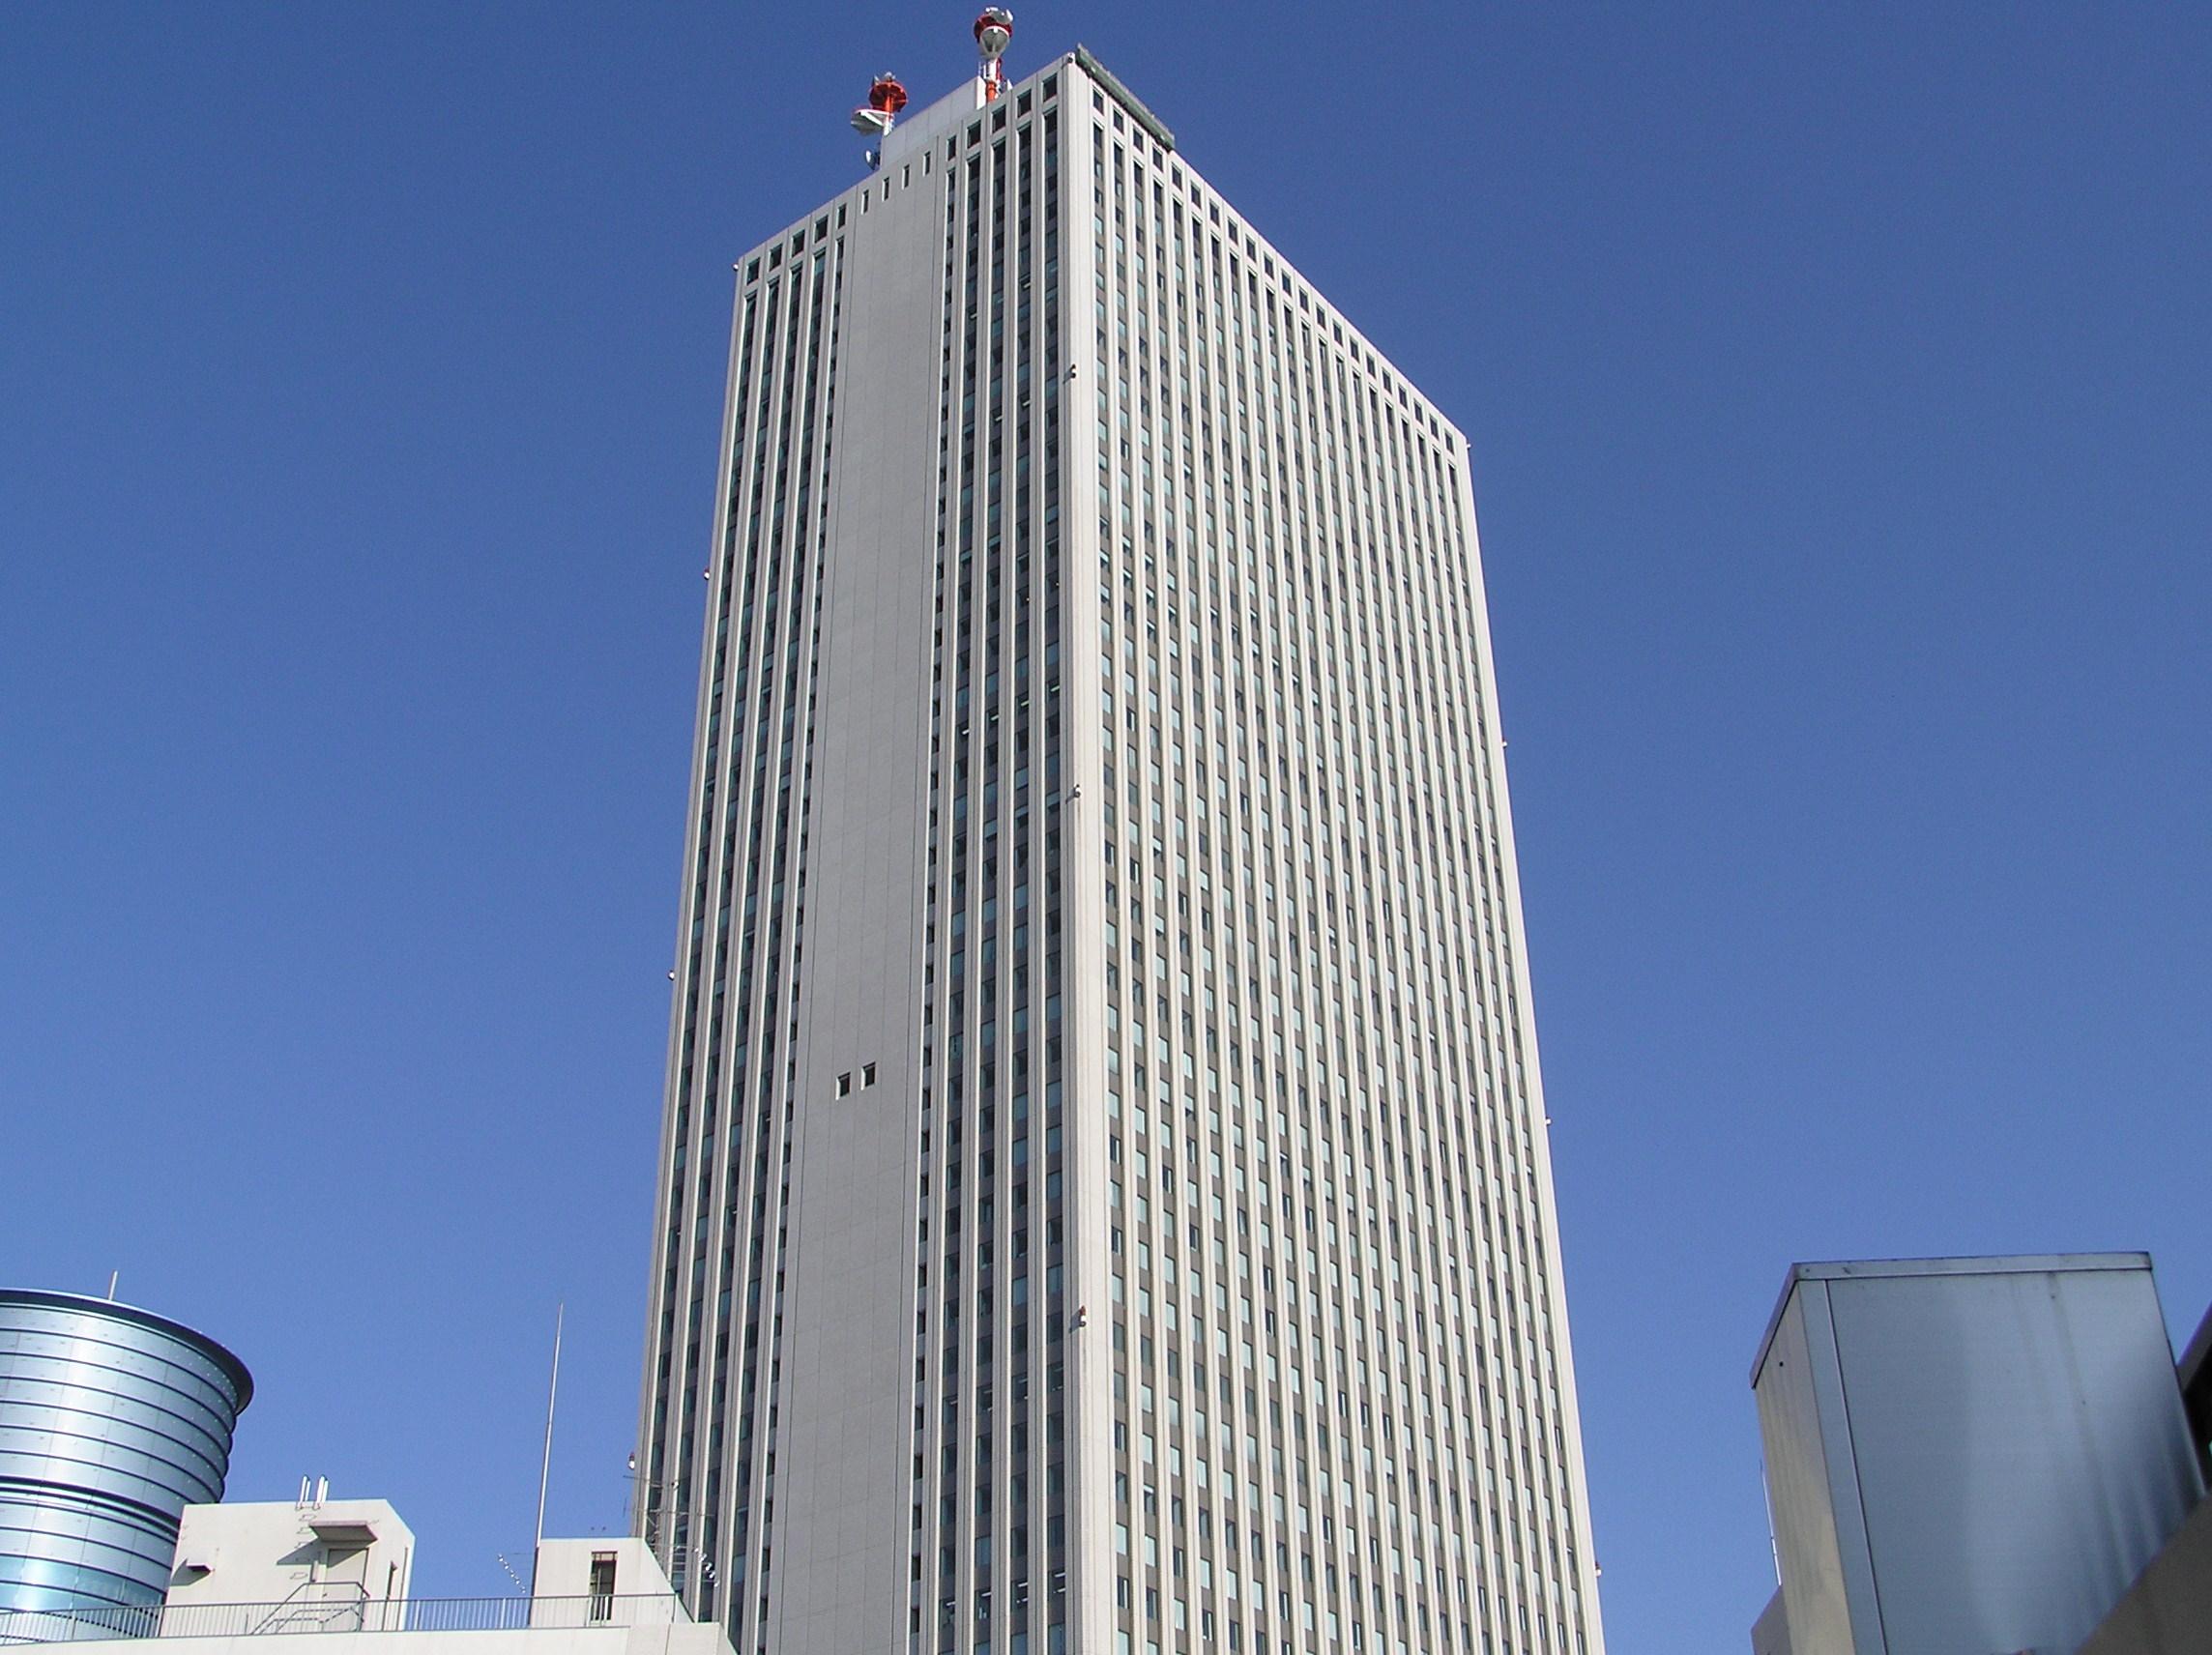 10 หอคอยเเละจุดชมวิวขึ้นชื่อของญี่ปุ่น -ตึกซันชายน์